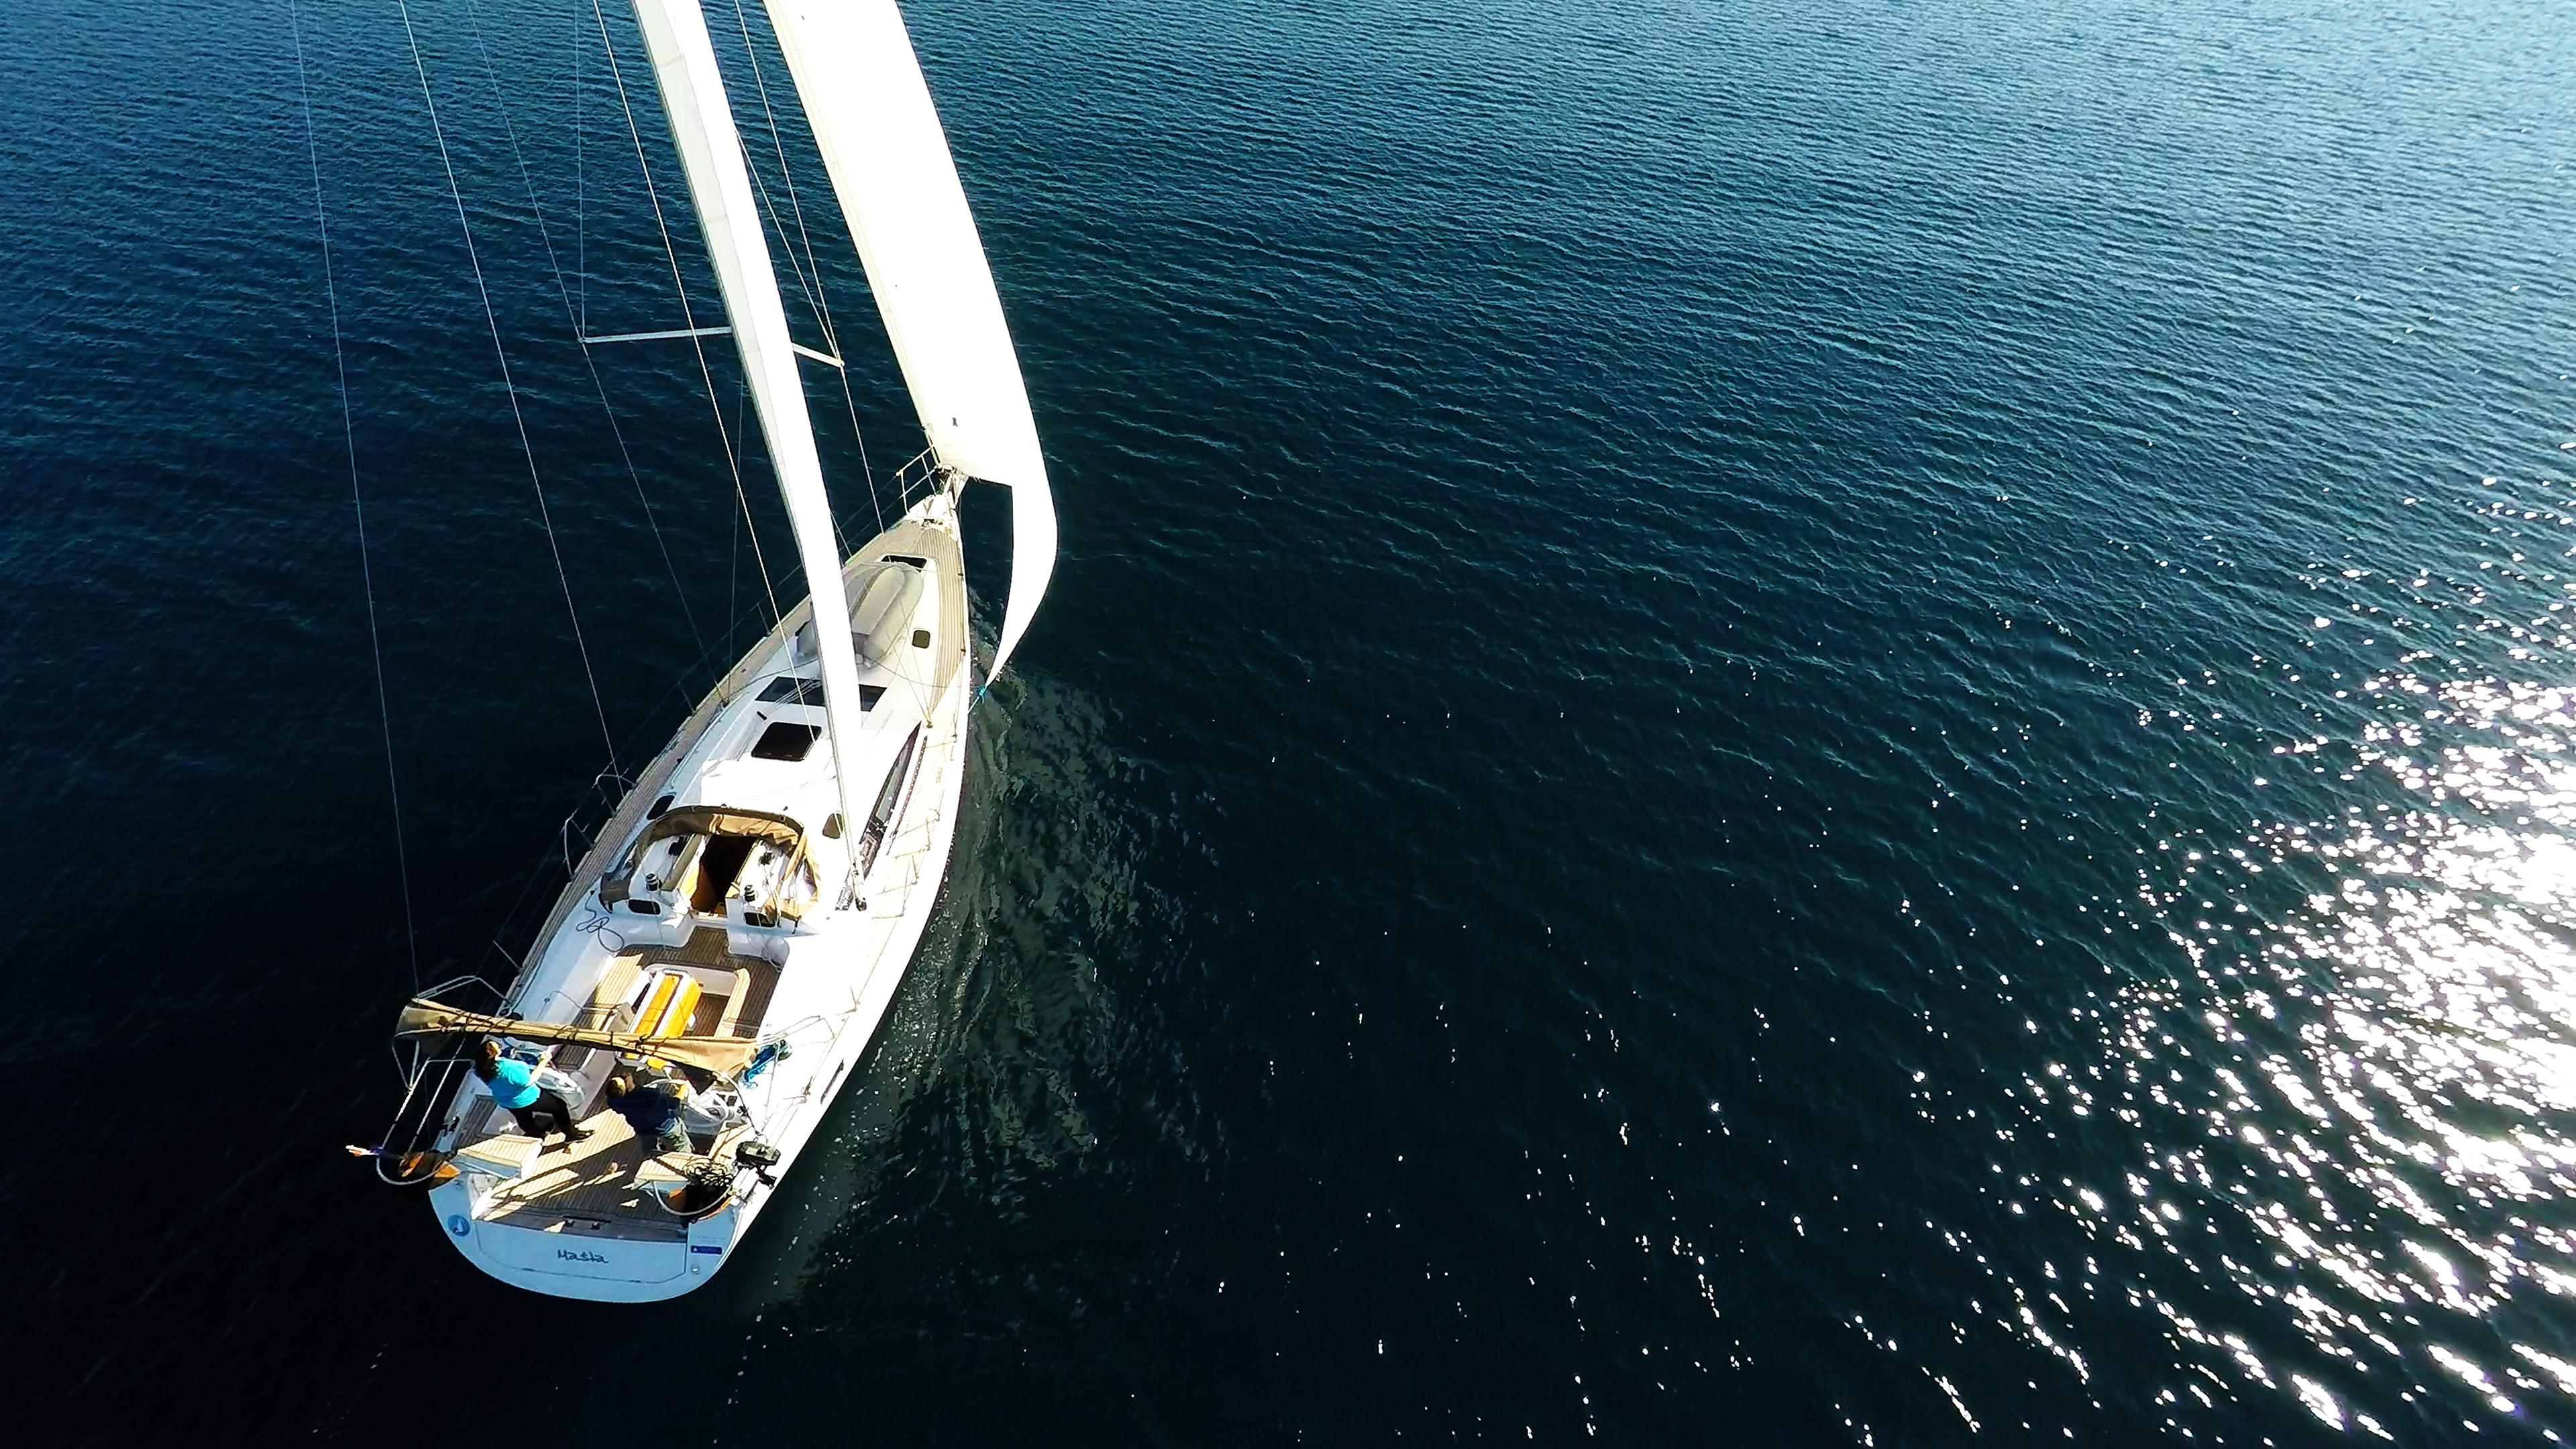 barcha a vela yacht a vela elan 45 impression pontein teak vele barca a vela